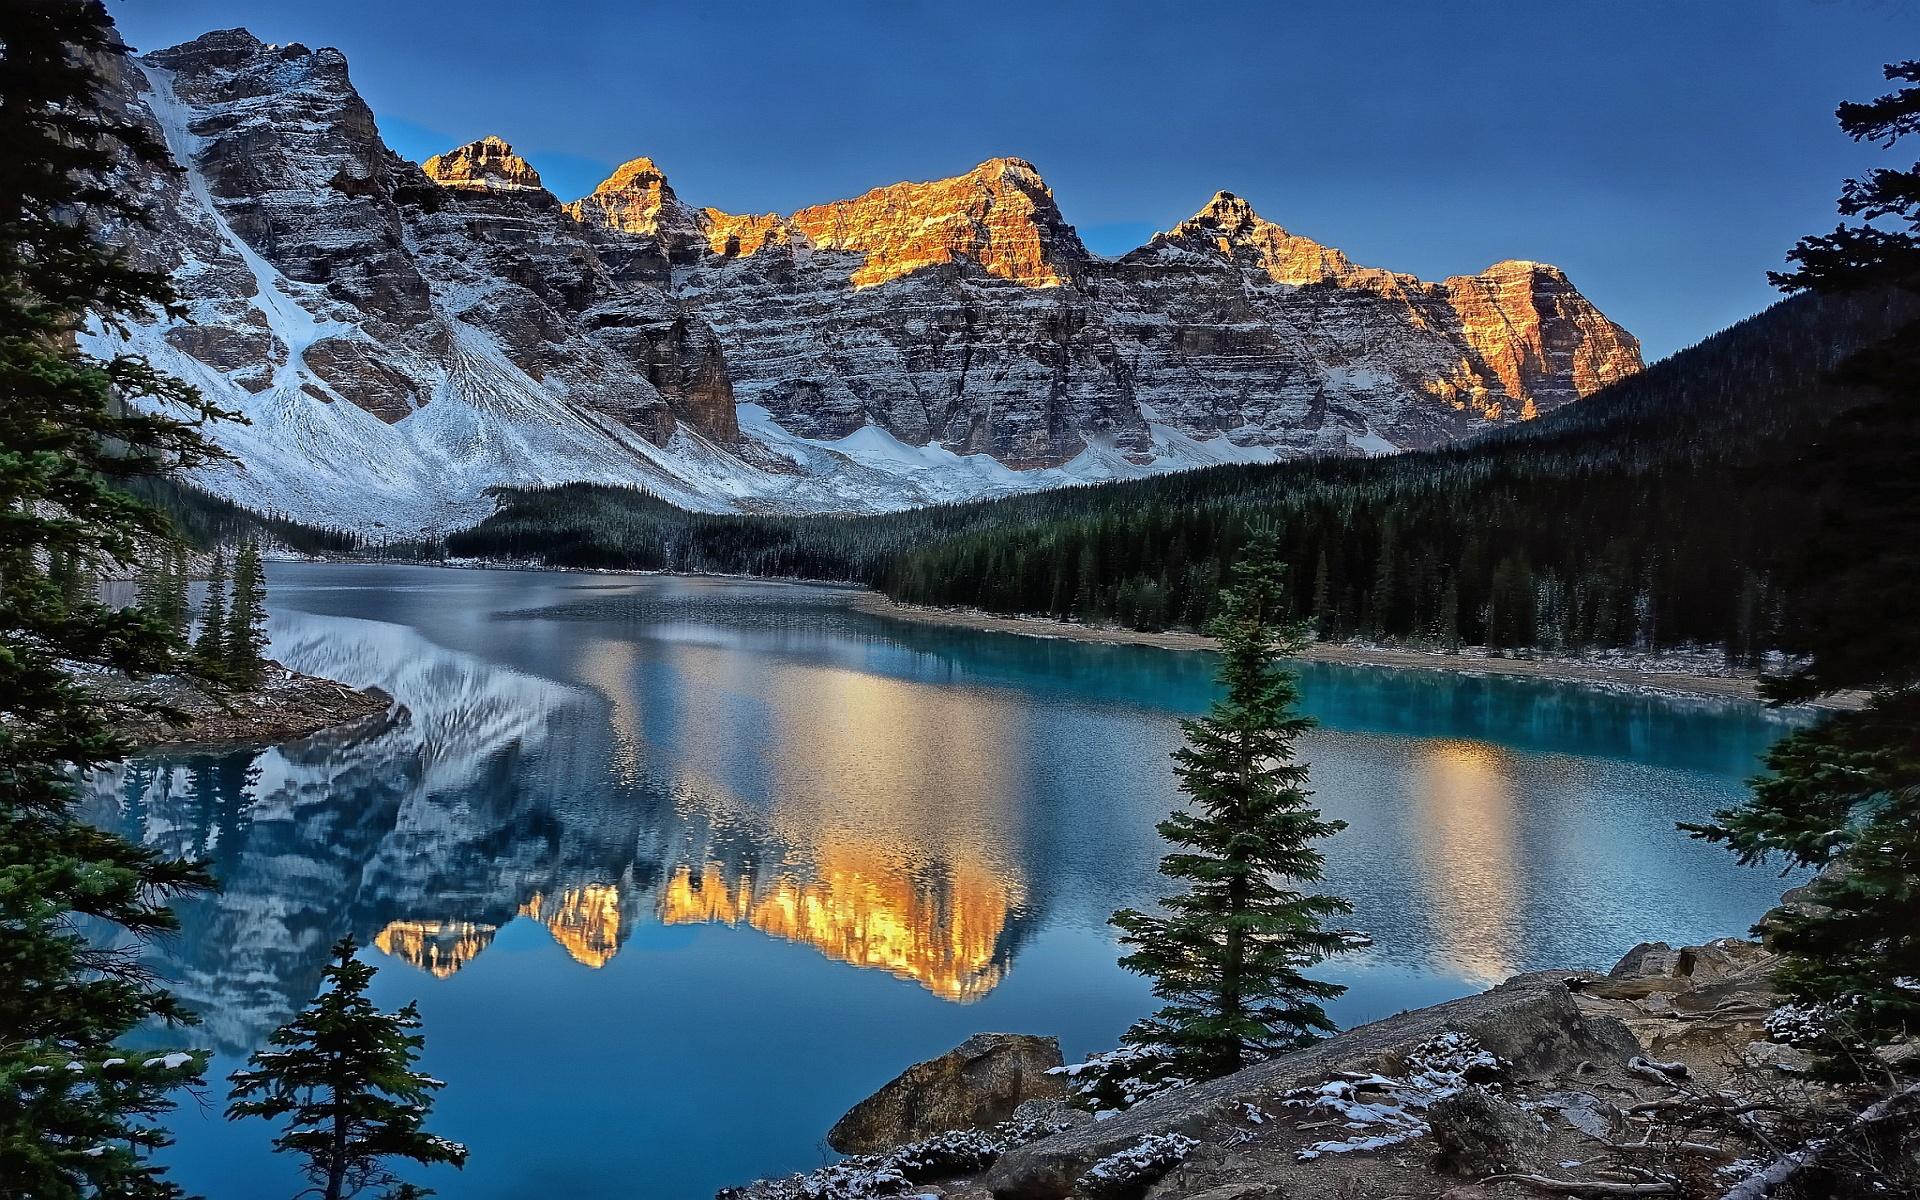 Banff National Park Mountain Reflection Hd Wallpaper Wallpaper List 1920x1200